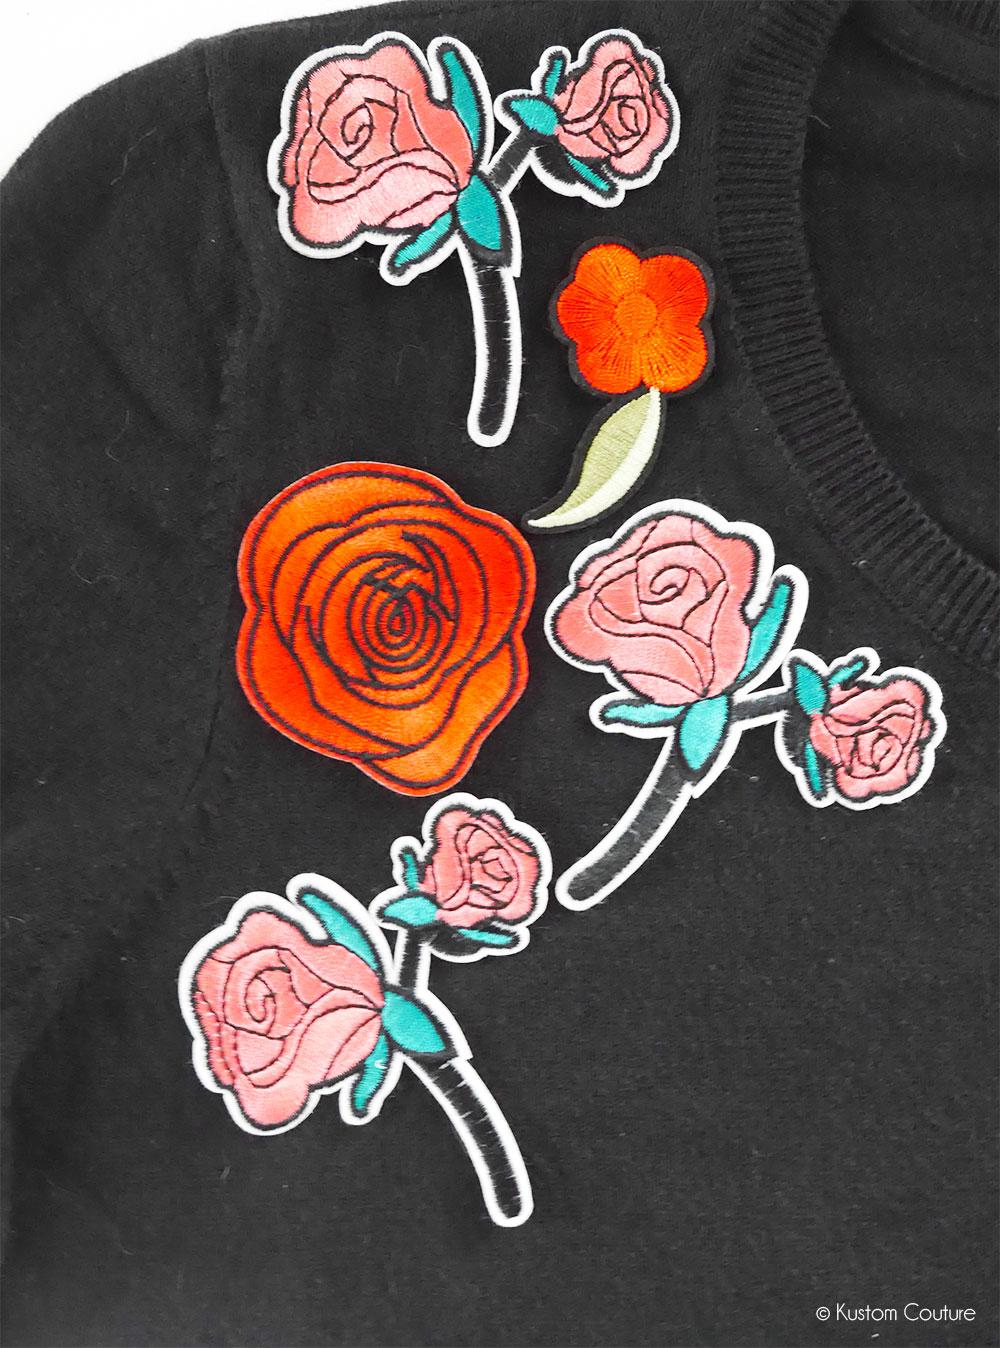 Comment customiser un pull basique avec des écussons thermocollants ? | Kustom Couture